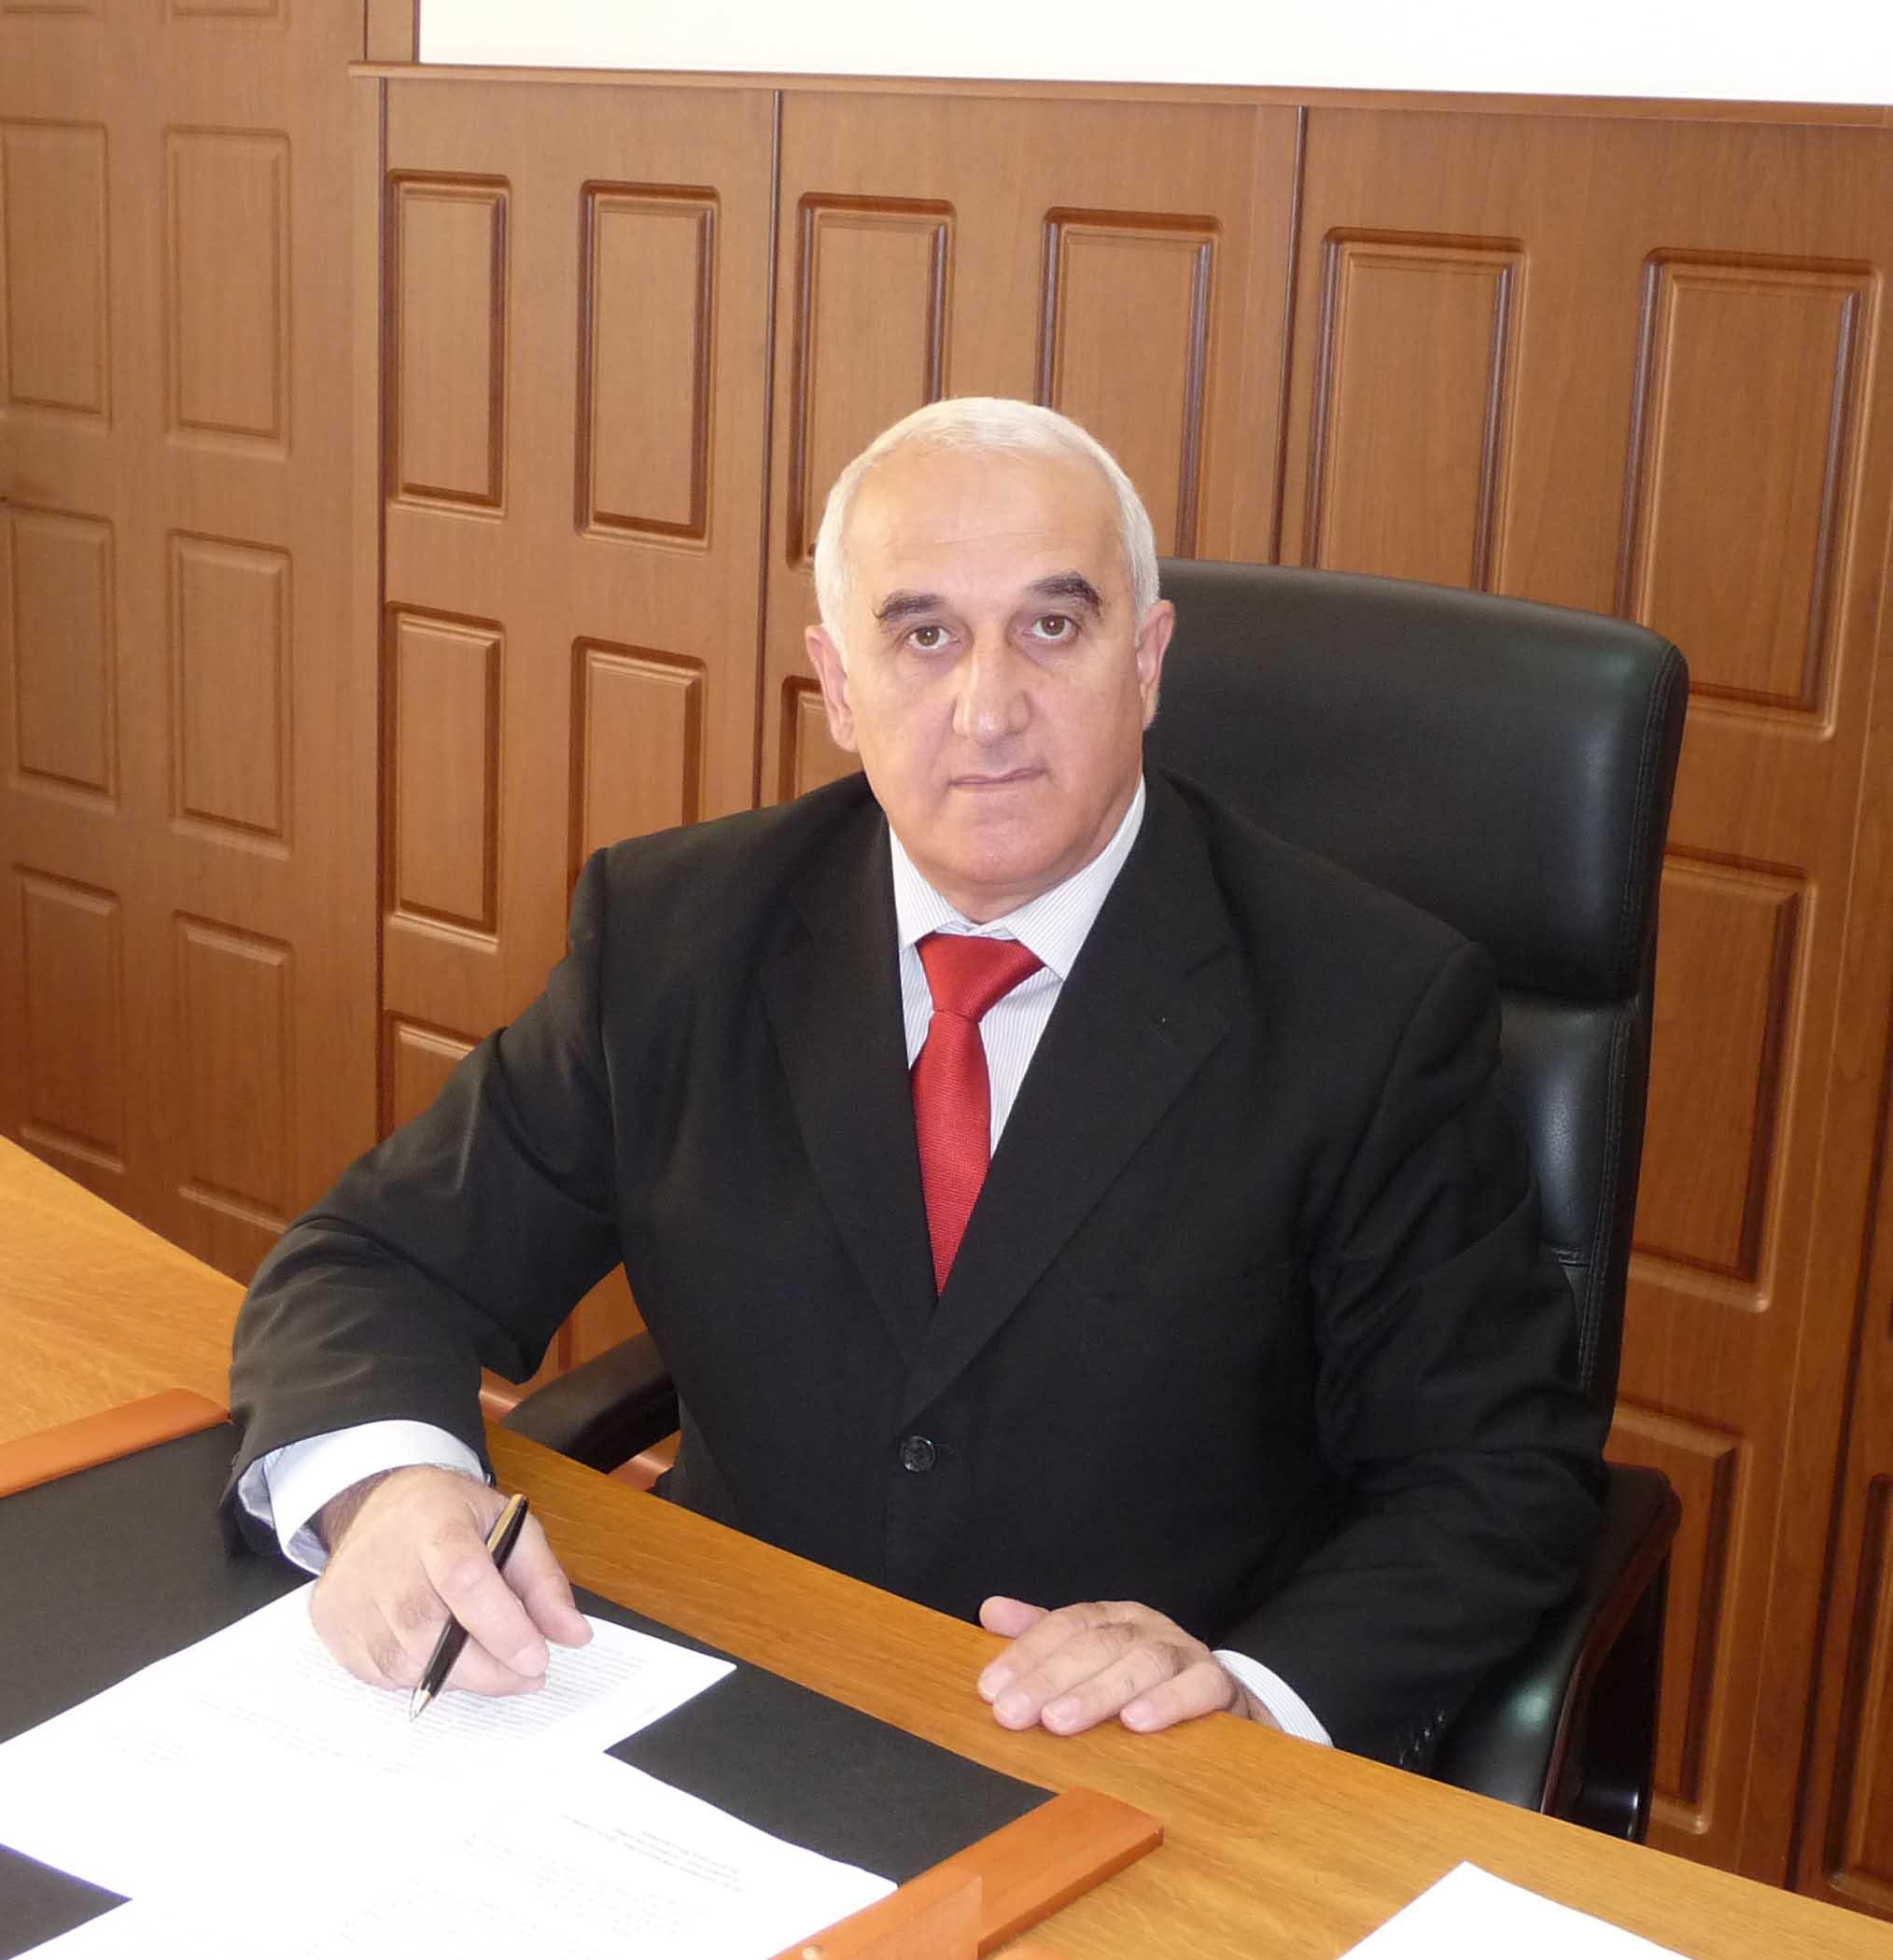 Сайт Контрольно счетной палаты Республики Ингушетия Заместитель  Заместитель Председателя Контрольно счетной палаты Республики Ингушетия